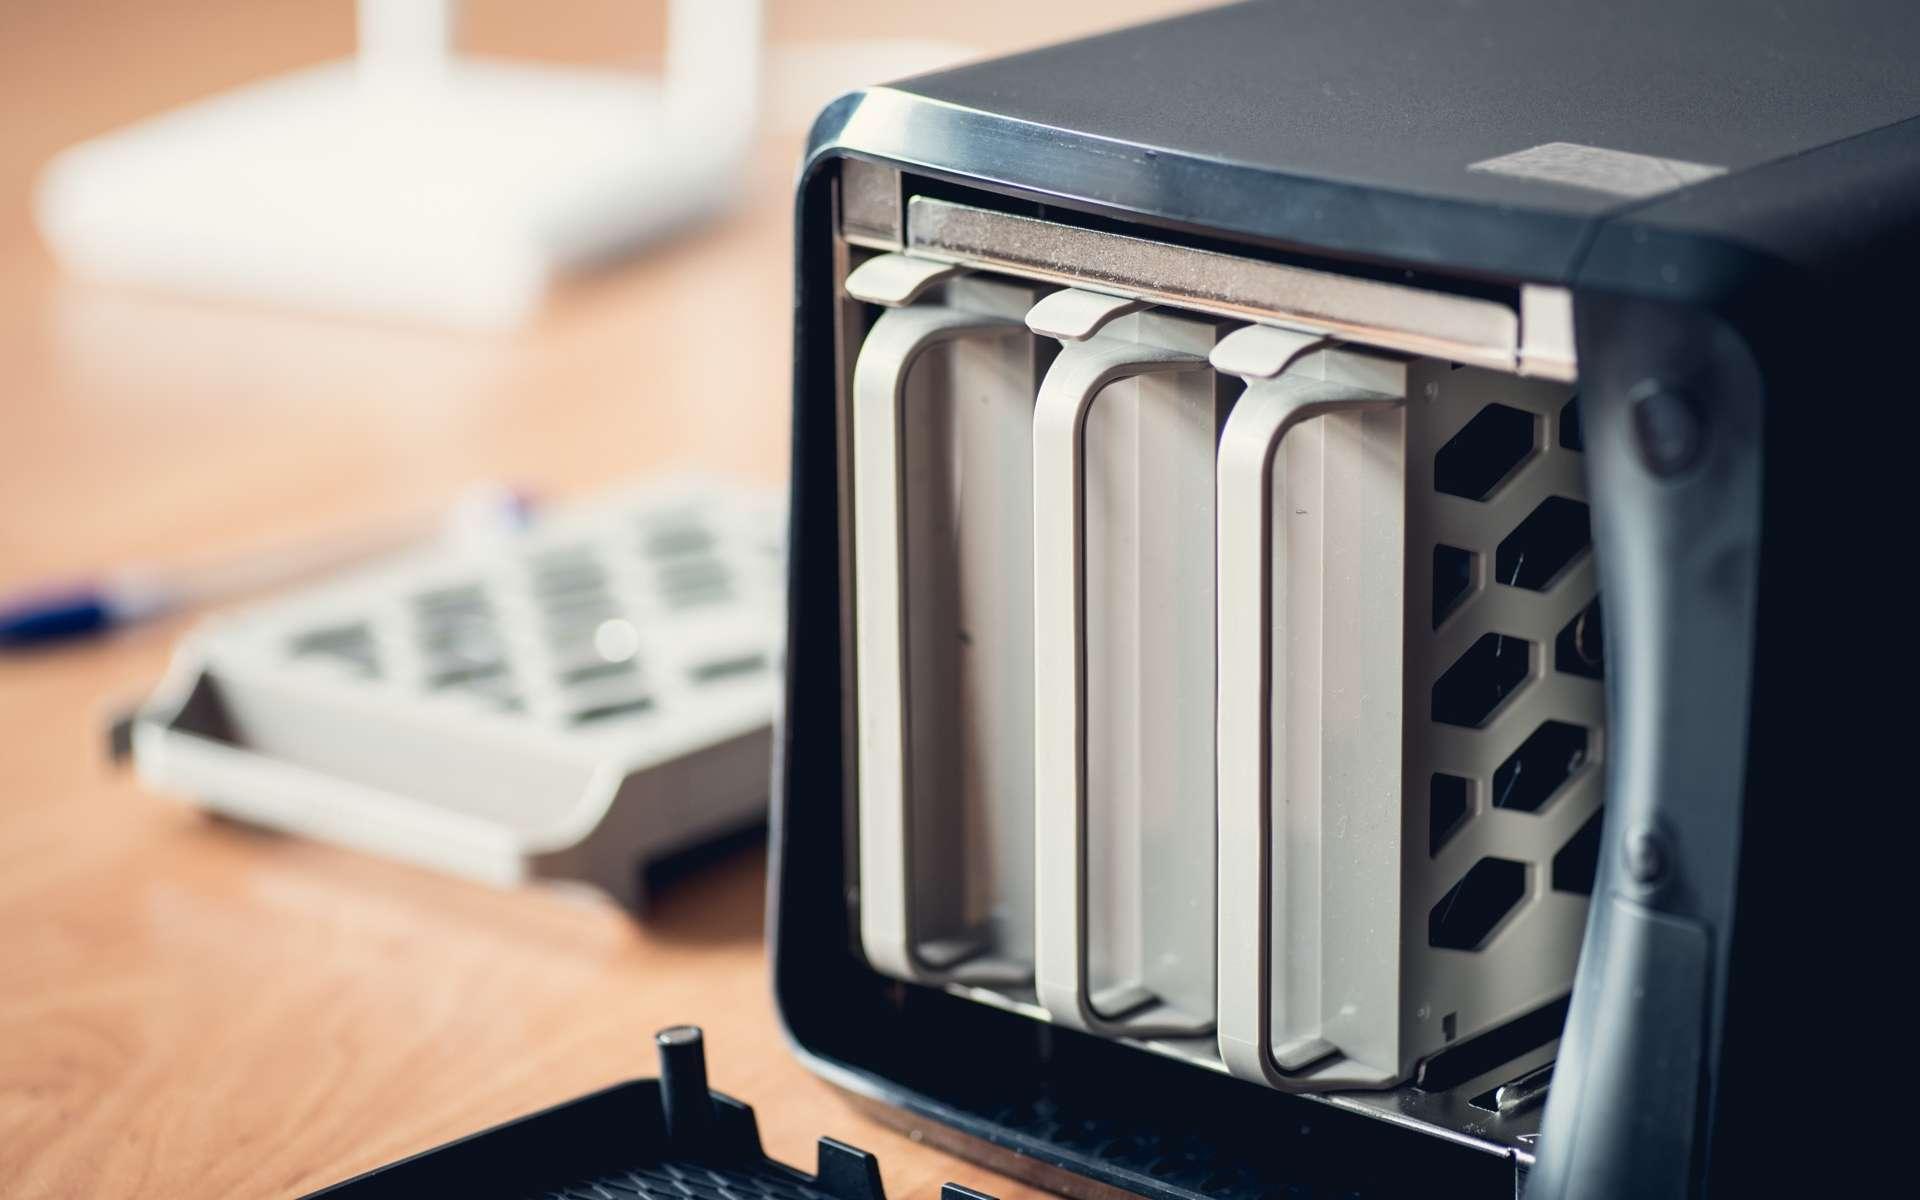 Le NAS est un serveur de stockage en réseau. © MuzzyCo, Adobe Stock